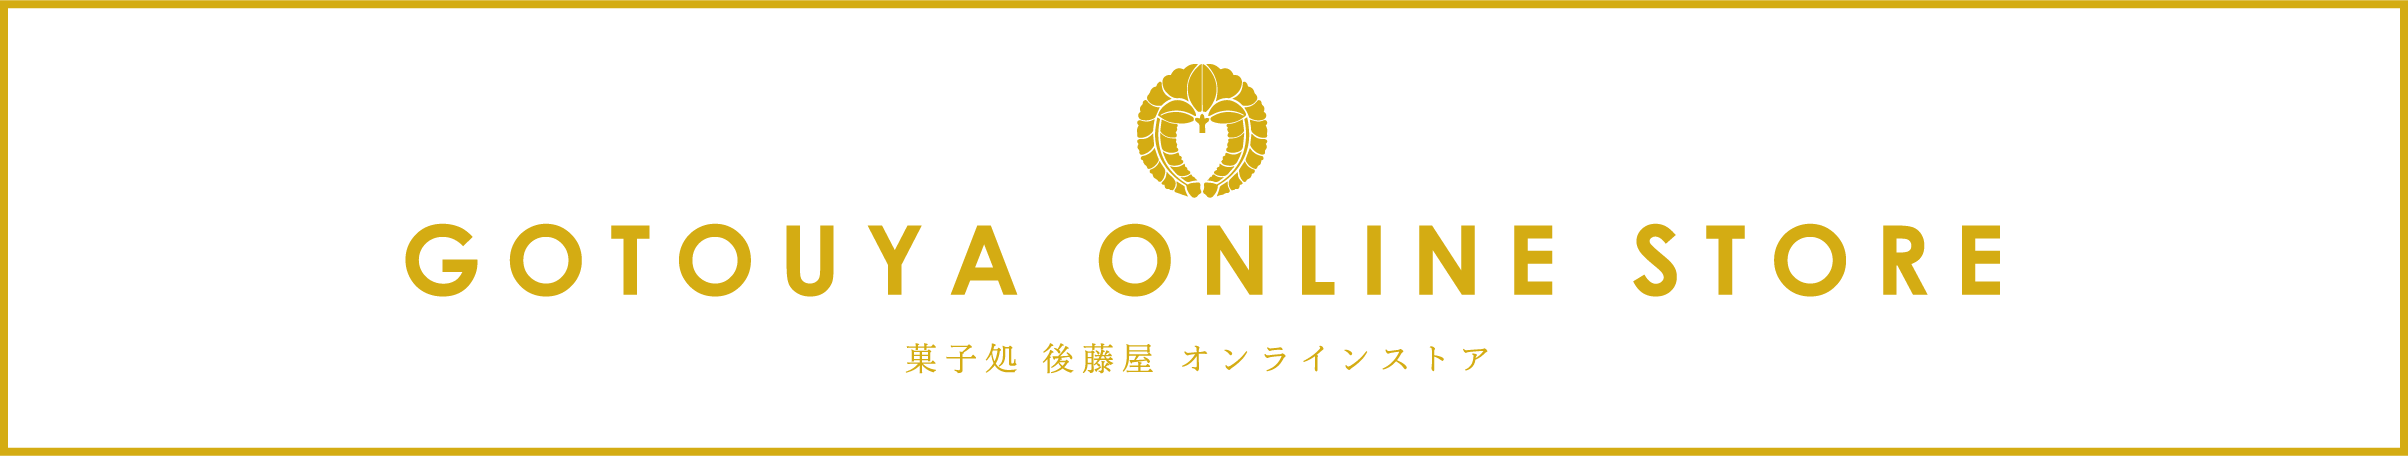 菓子処 後藤屋 オンラインストア